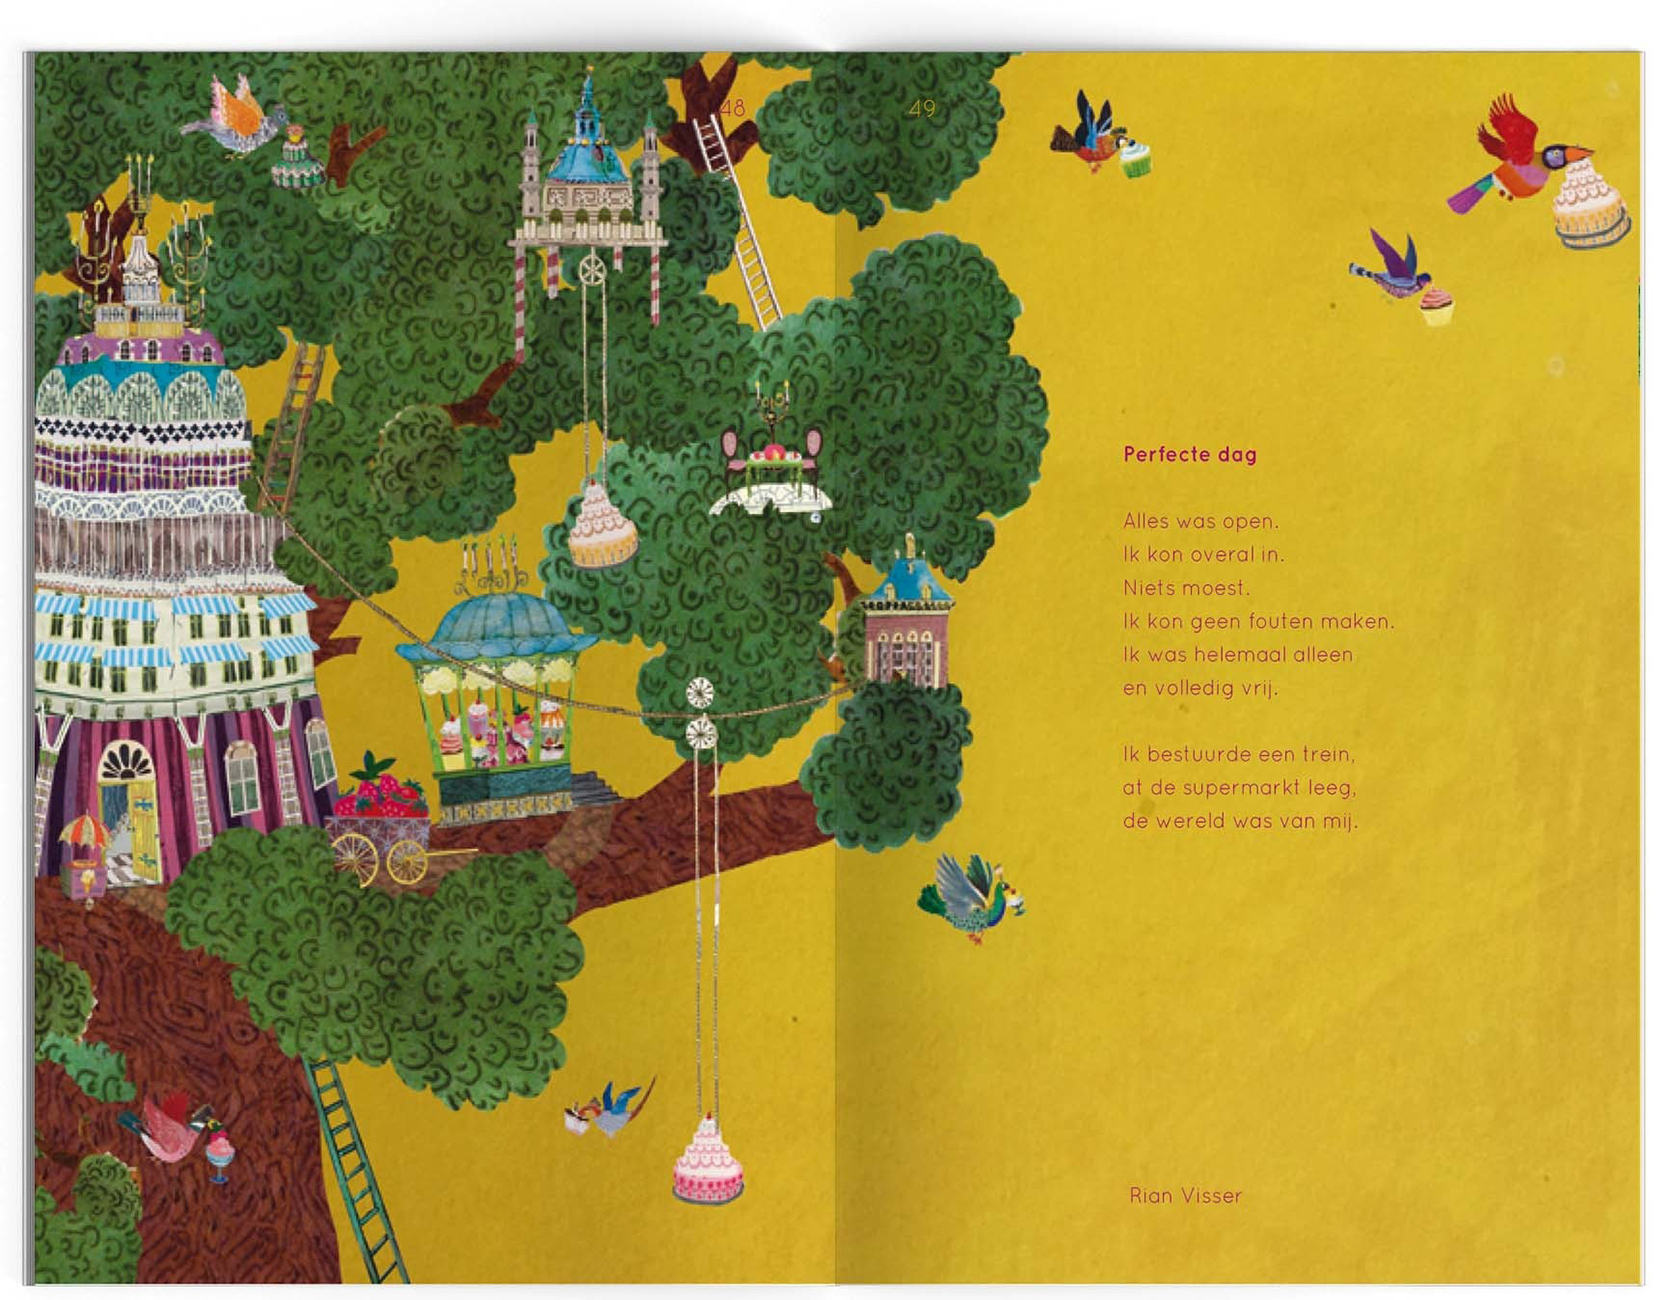 dichtbundel Nederlands stichting plint  illustratie collage poezen geel boomhut taartjes fantasie geluk Rian visser